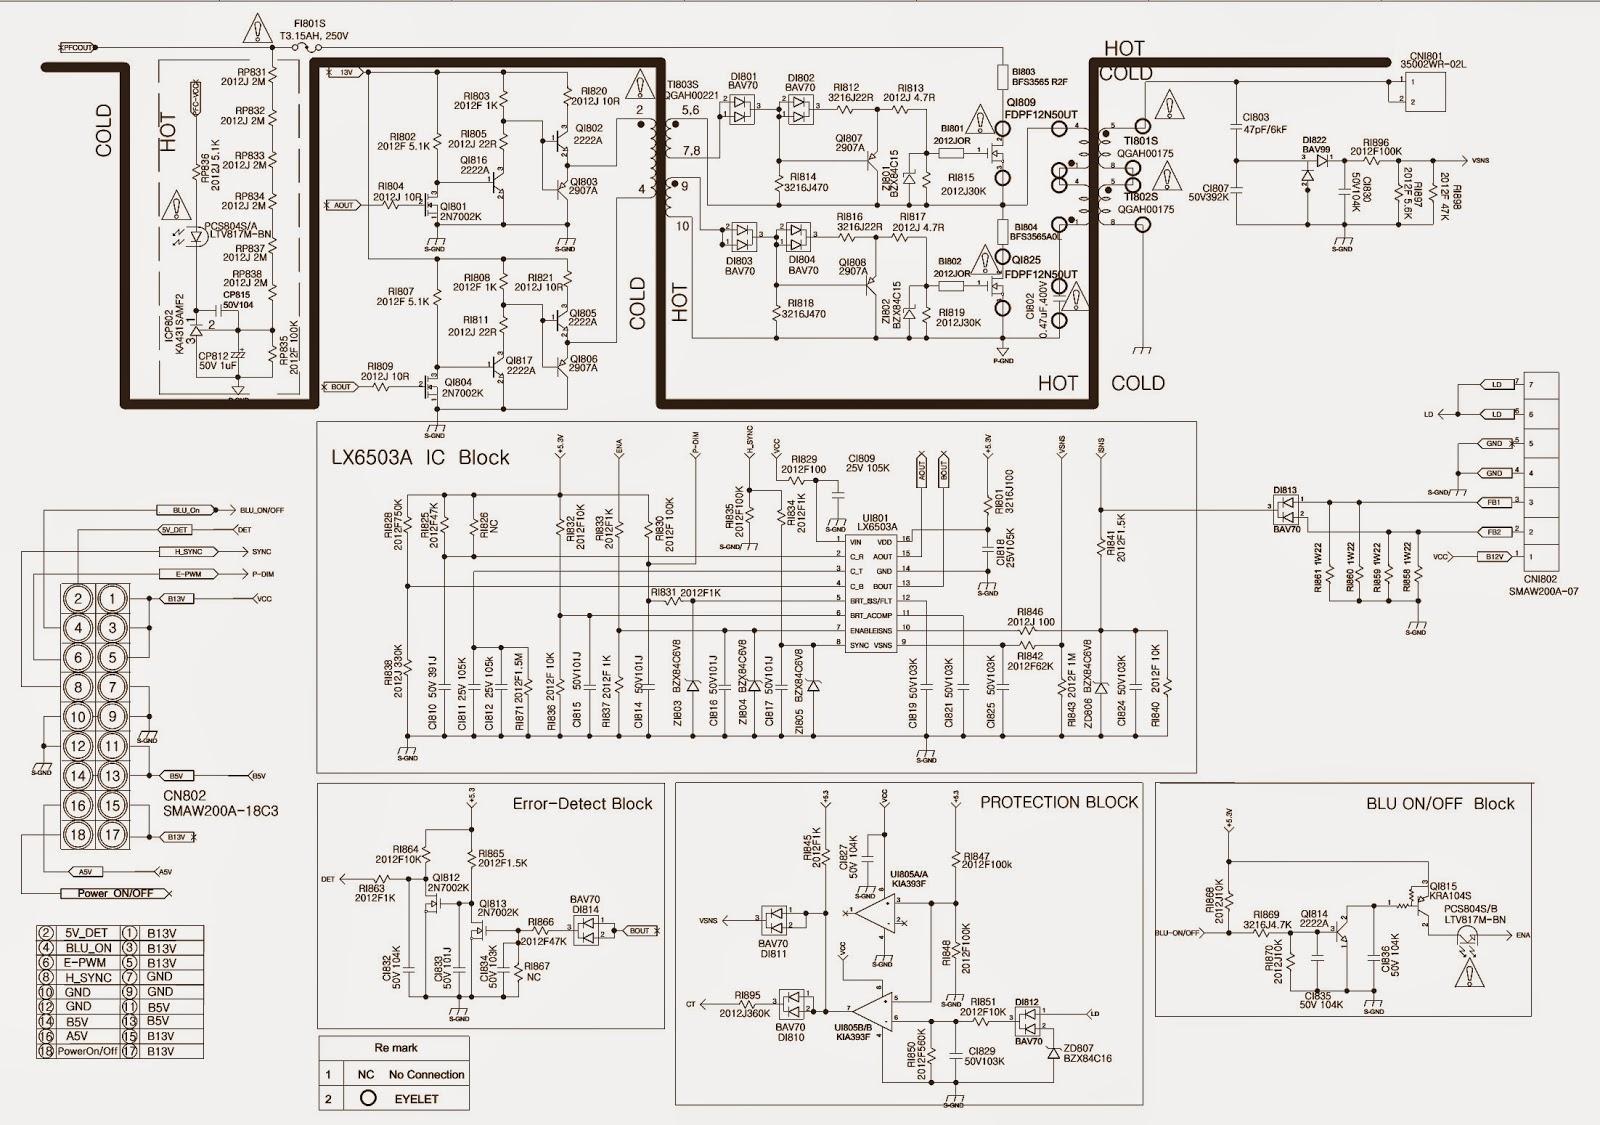 dbx crossover wiring diagram best wiring library Ethernet Wiring Diagram dbx crossover wiring diagram wiring diagram services \\u2022 dbx crossover circuit diagram dbx crossover wiring